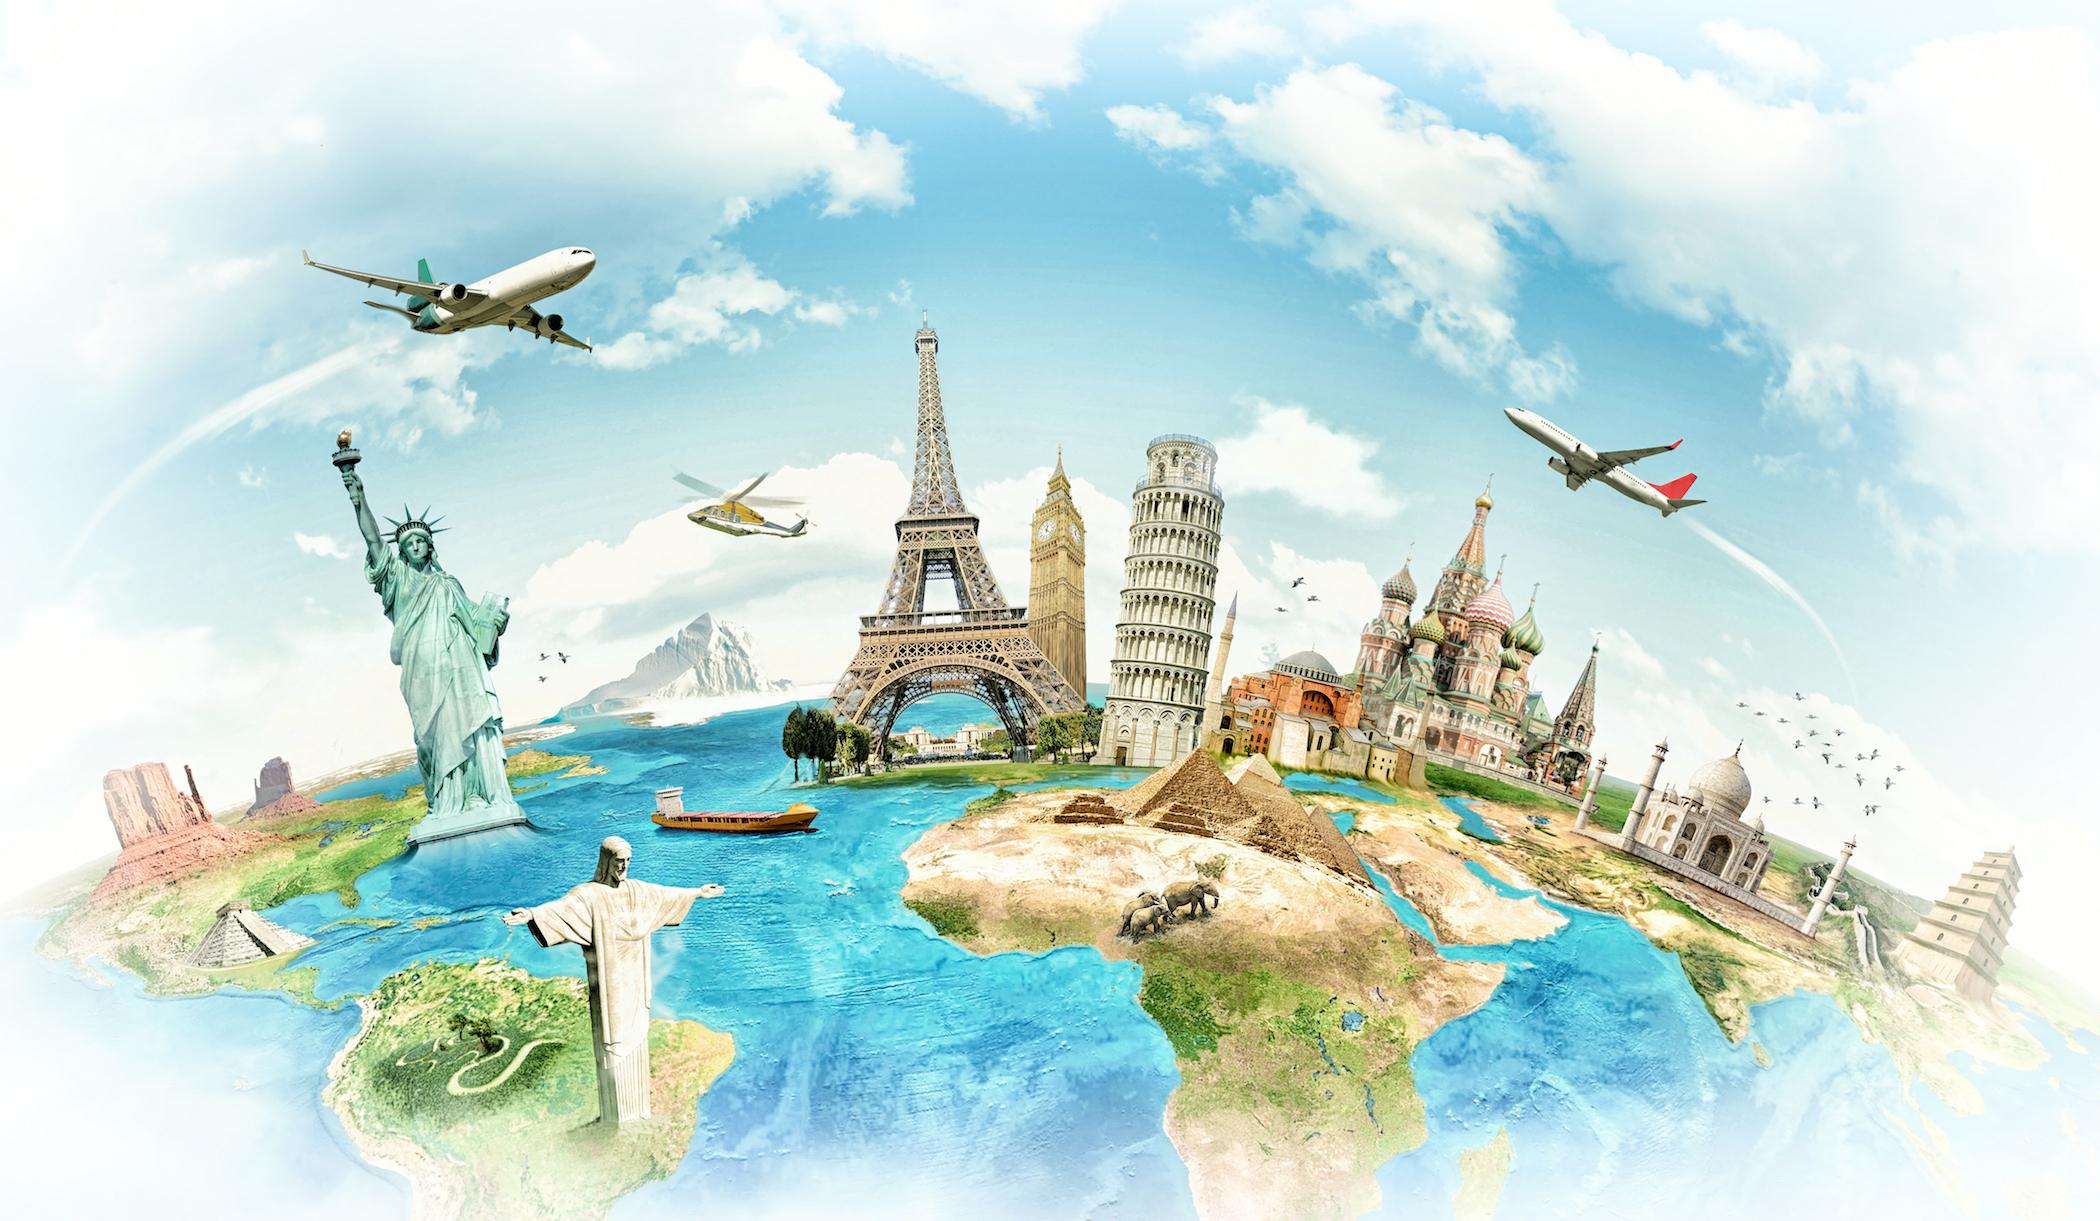 Flug RTW: In 30 Tagen 1x um die ganze Welt ab 972€